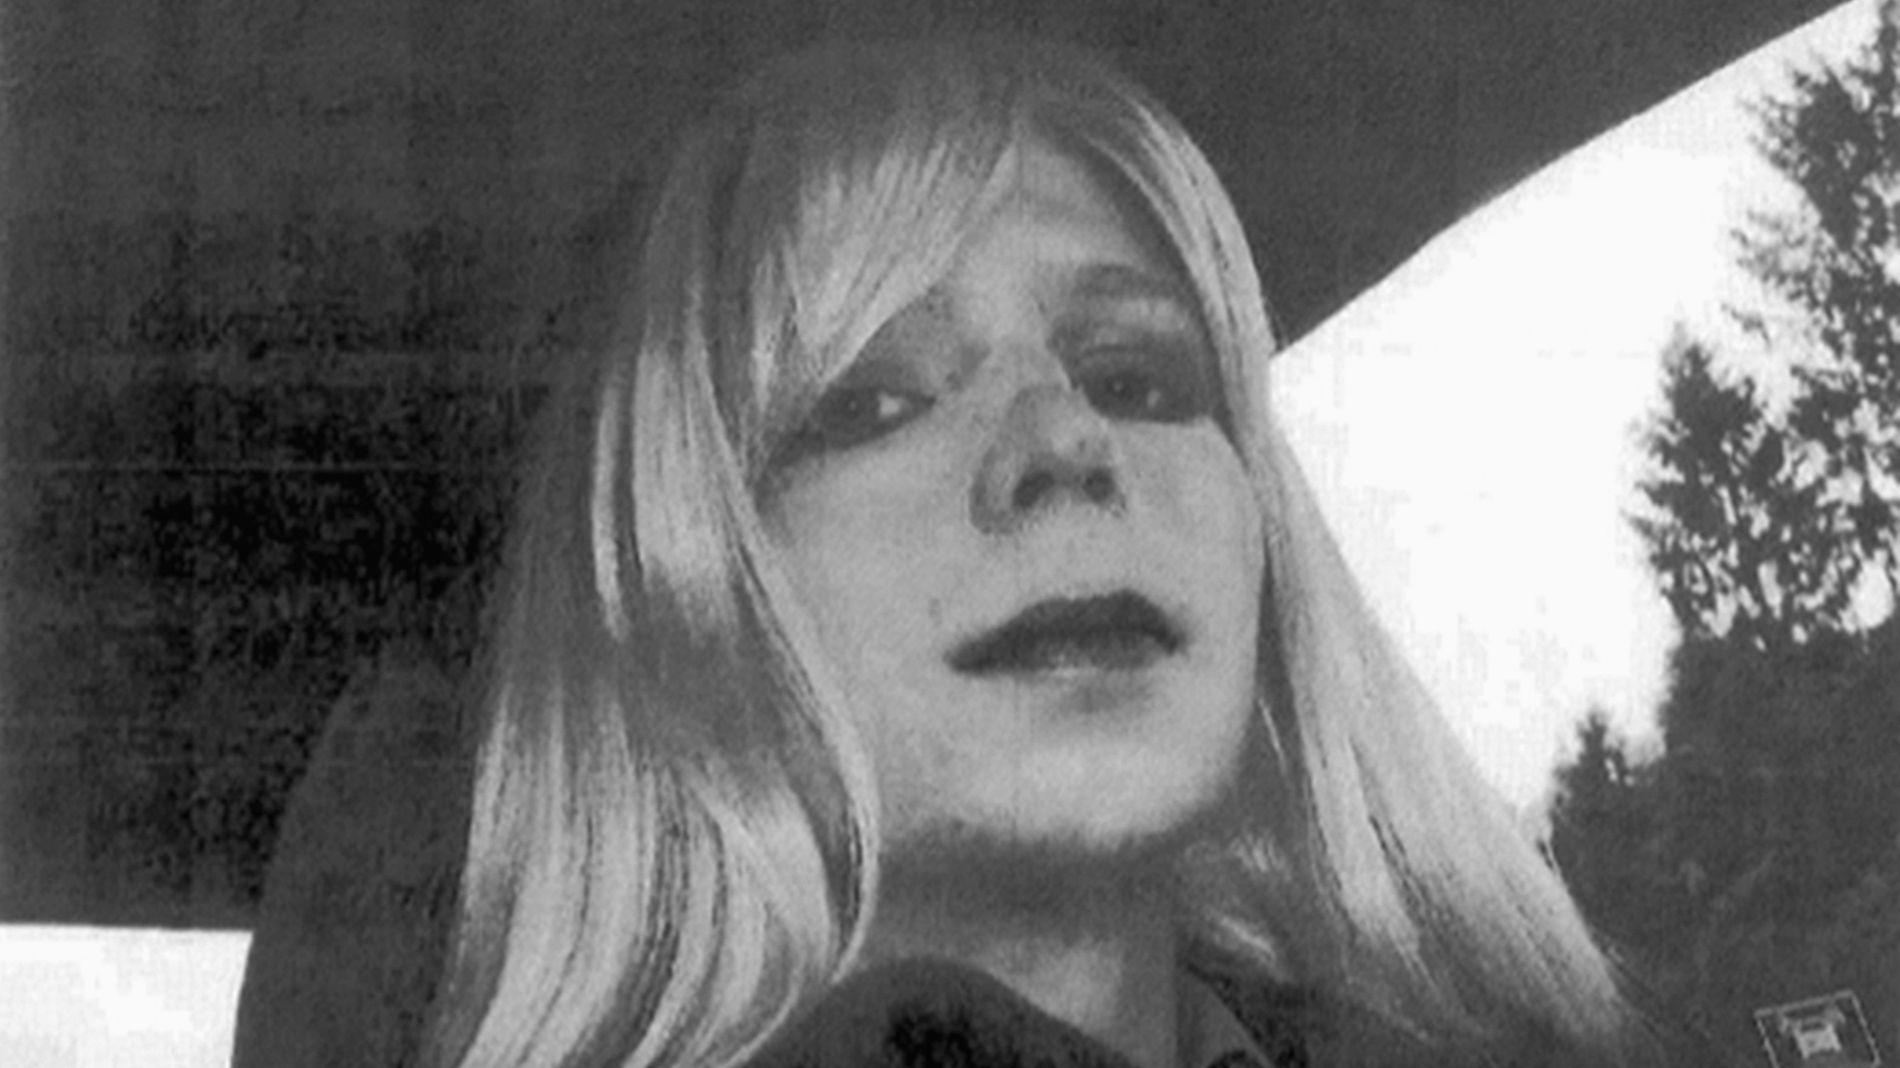 SNART FRI: Chelsea Manning, som lekket 700.000 Pentagon-dokumenter til WikiLeaks, er benådet av president Barack Obama og slipper å sone ferdig dommen på 35 år.